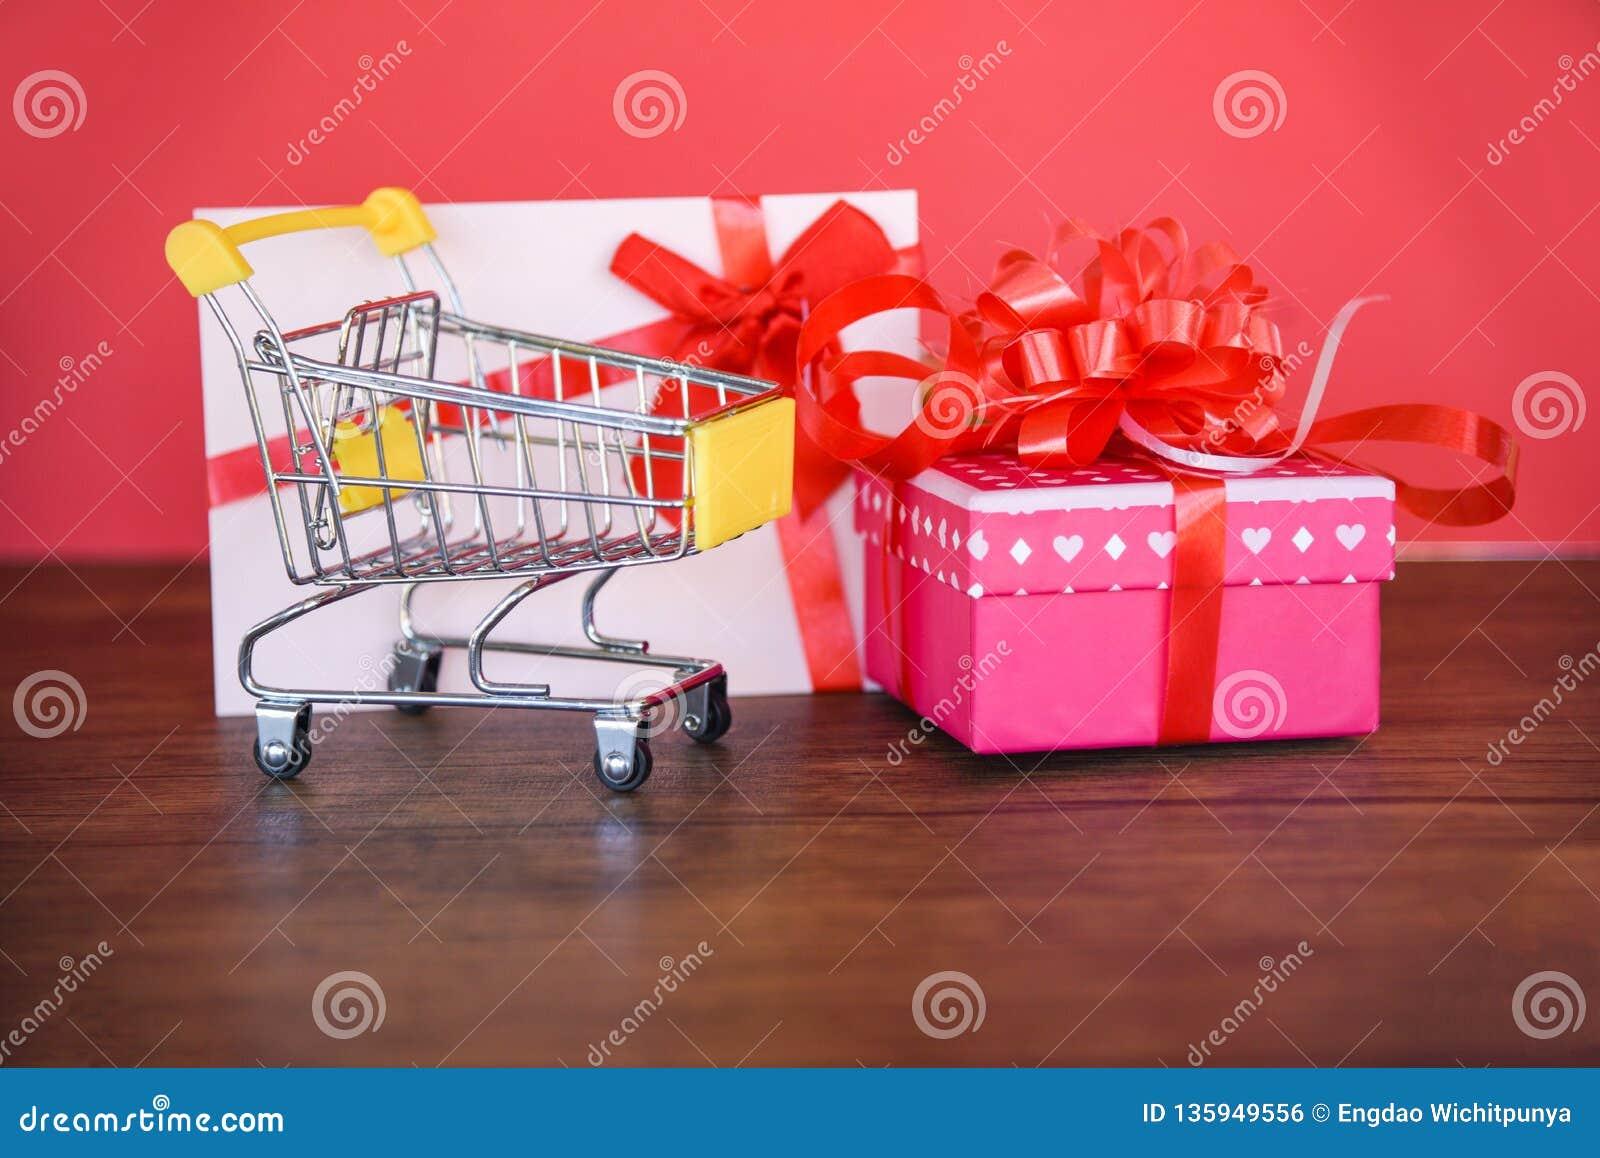 Boîte actuelle de rose de caddie d achats de jour de valentines et de boîte-cadeau de chèque-cadeau avec le chèque-cadeau rouge d